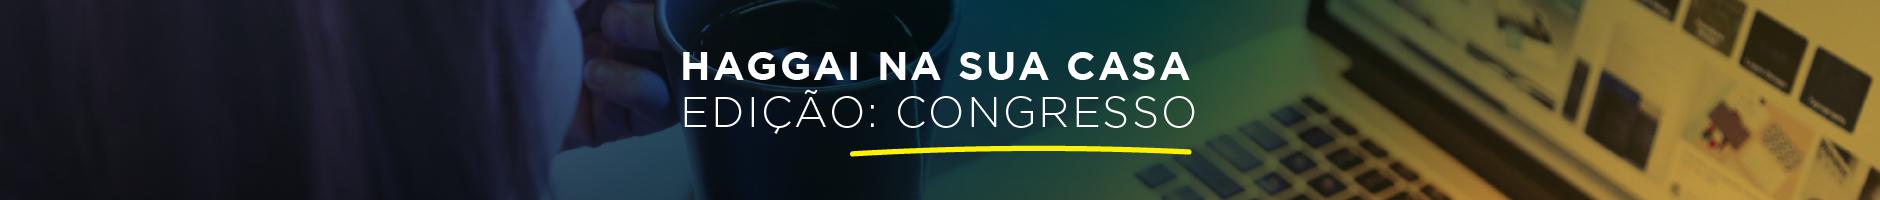 HAGGAI NA SUA CASA: Edição Congresso – 4 coleções de mensagens selecionadas para você no mês de julho